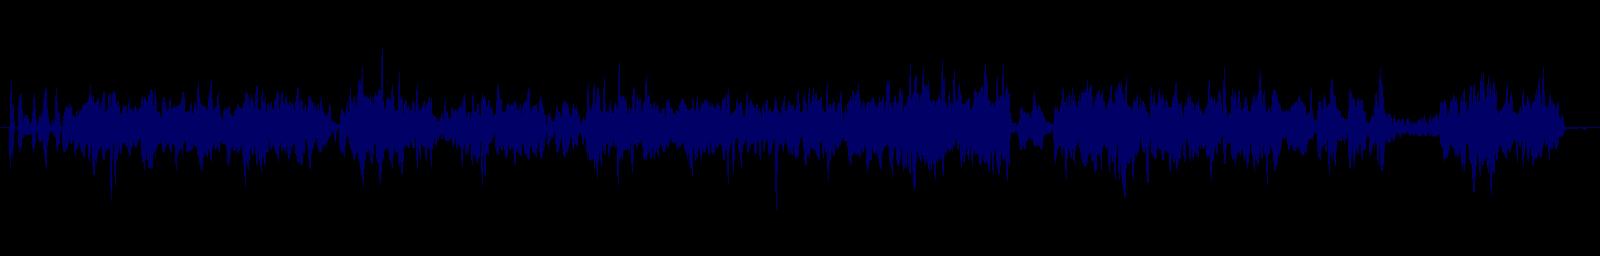 waveform of track #155031